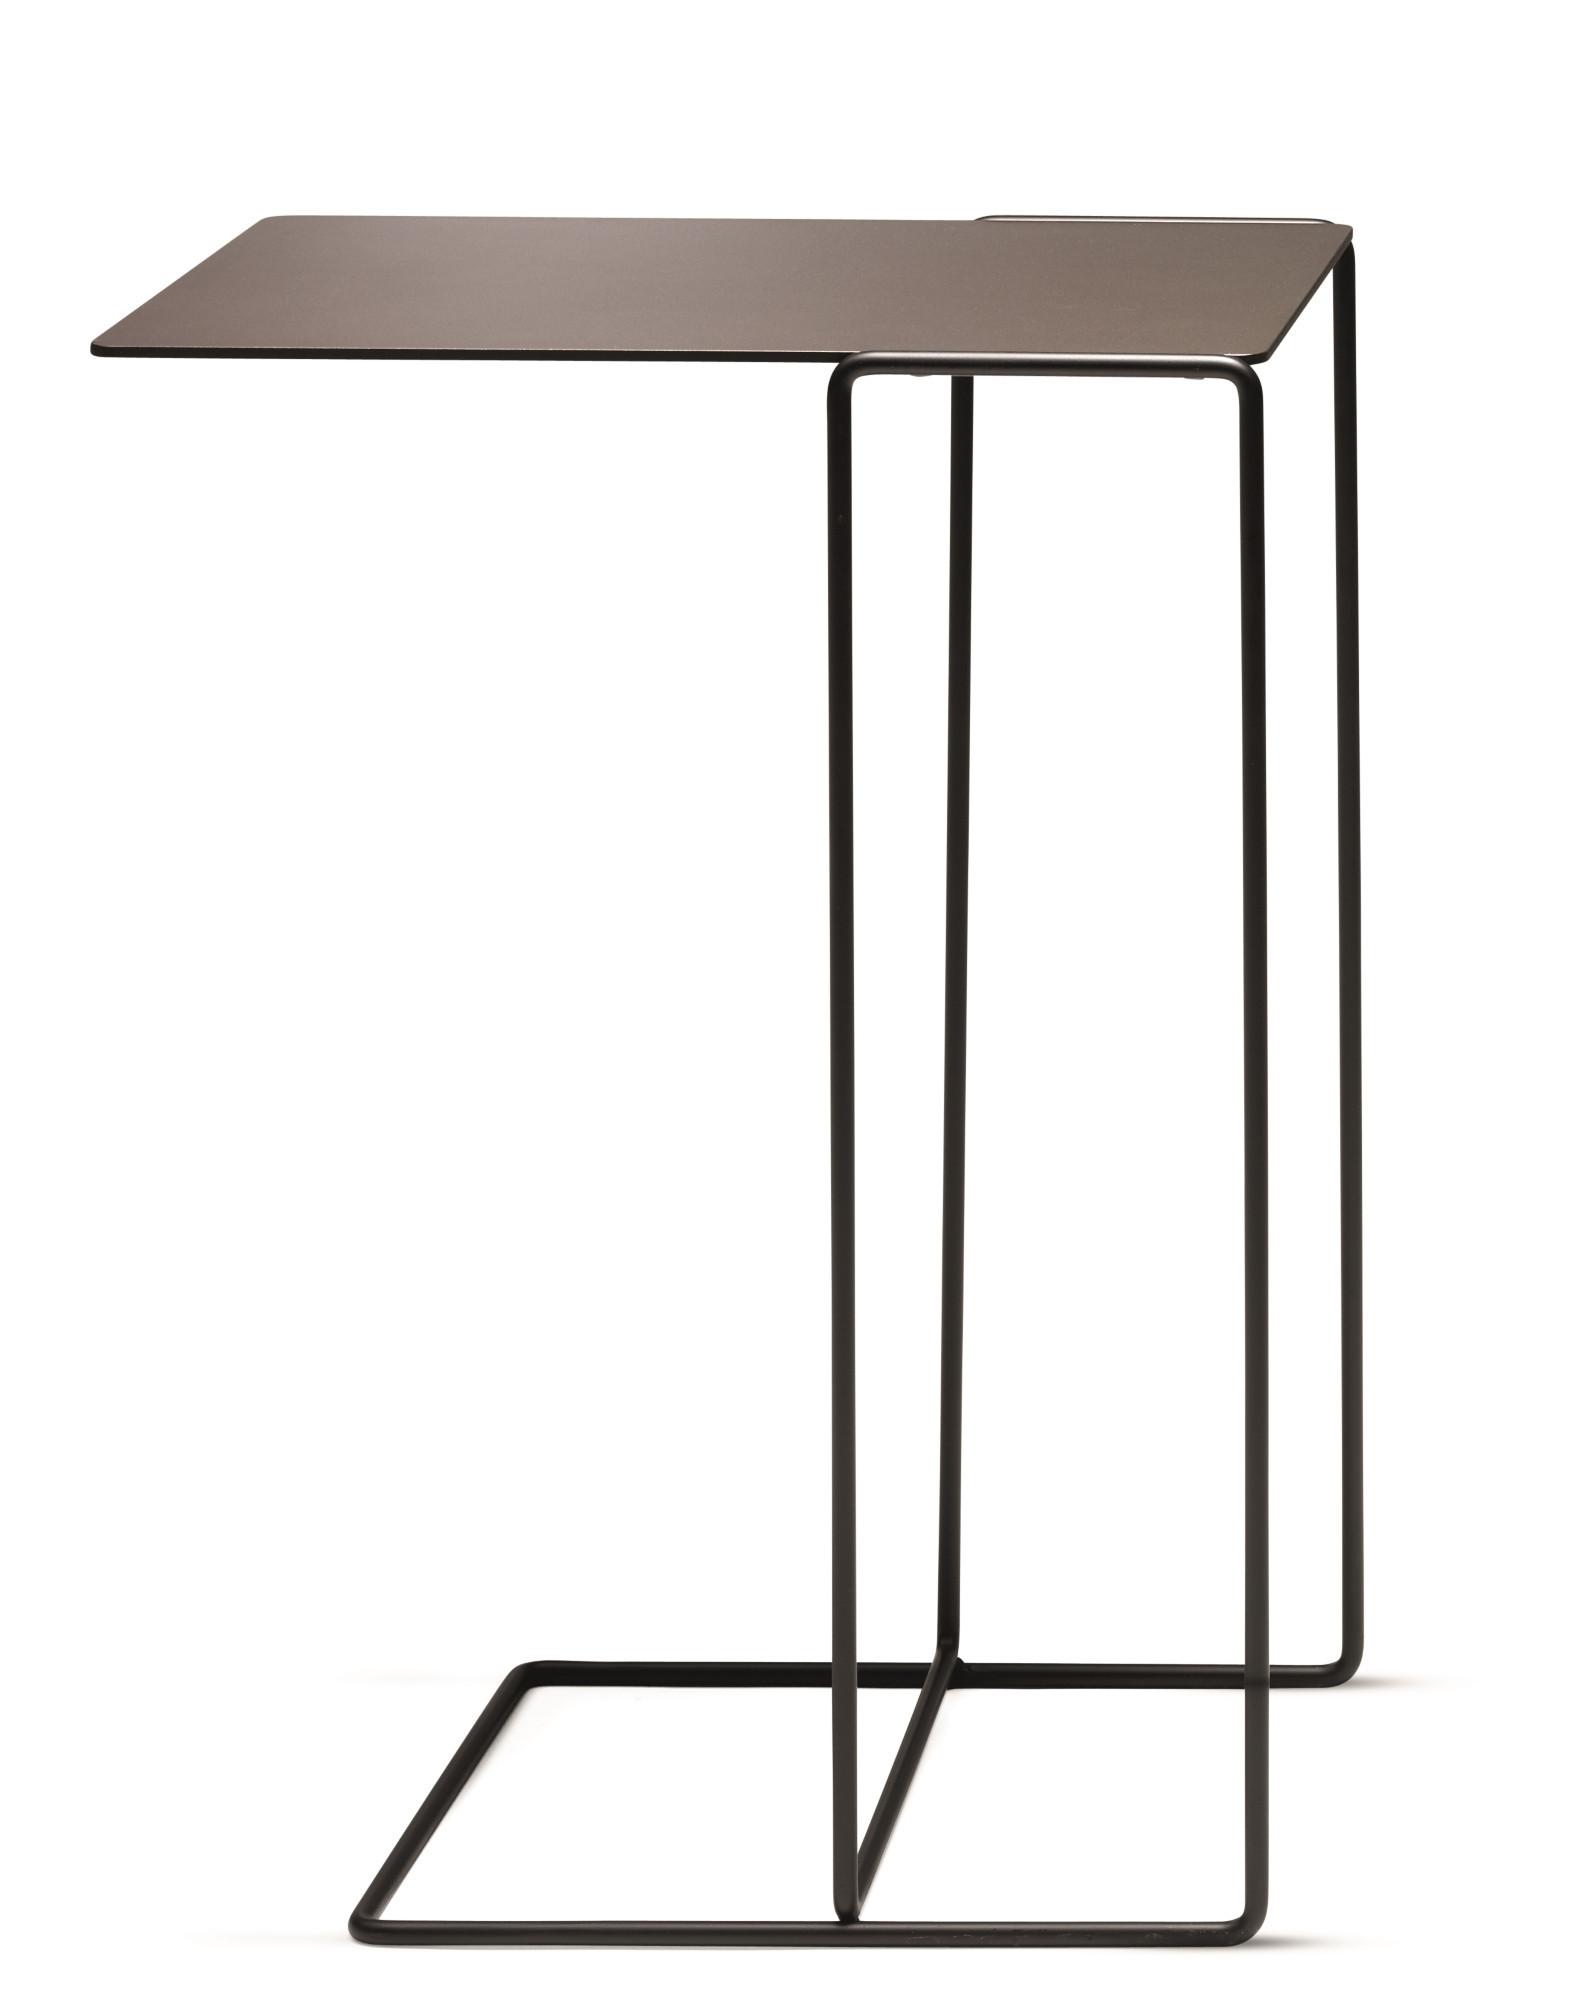 Oki Beistelltisch Walter Knoll bronze 01